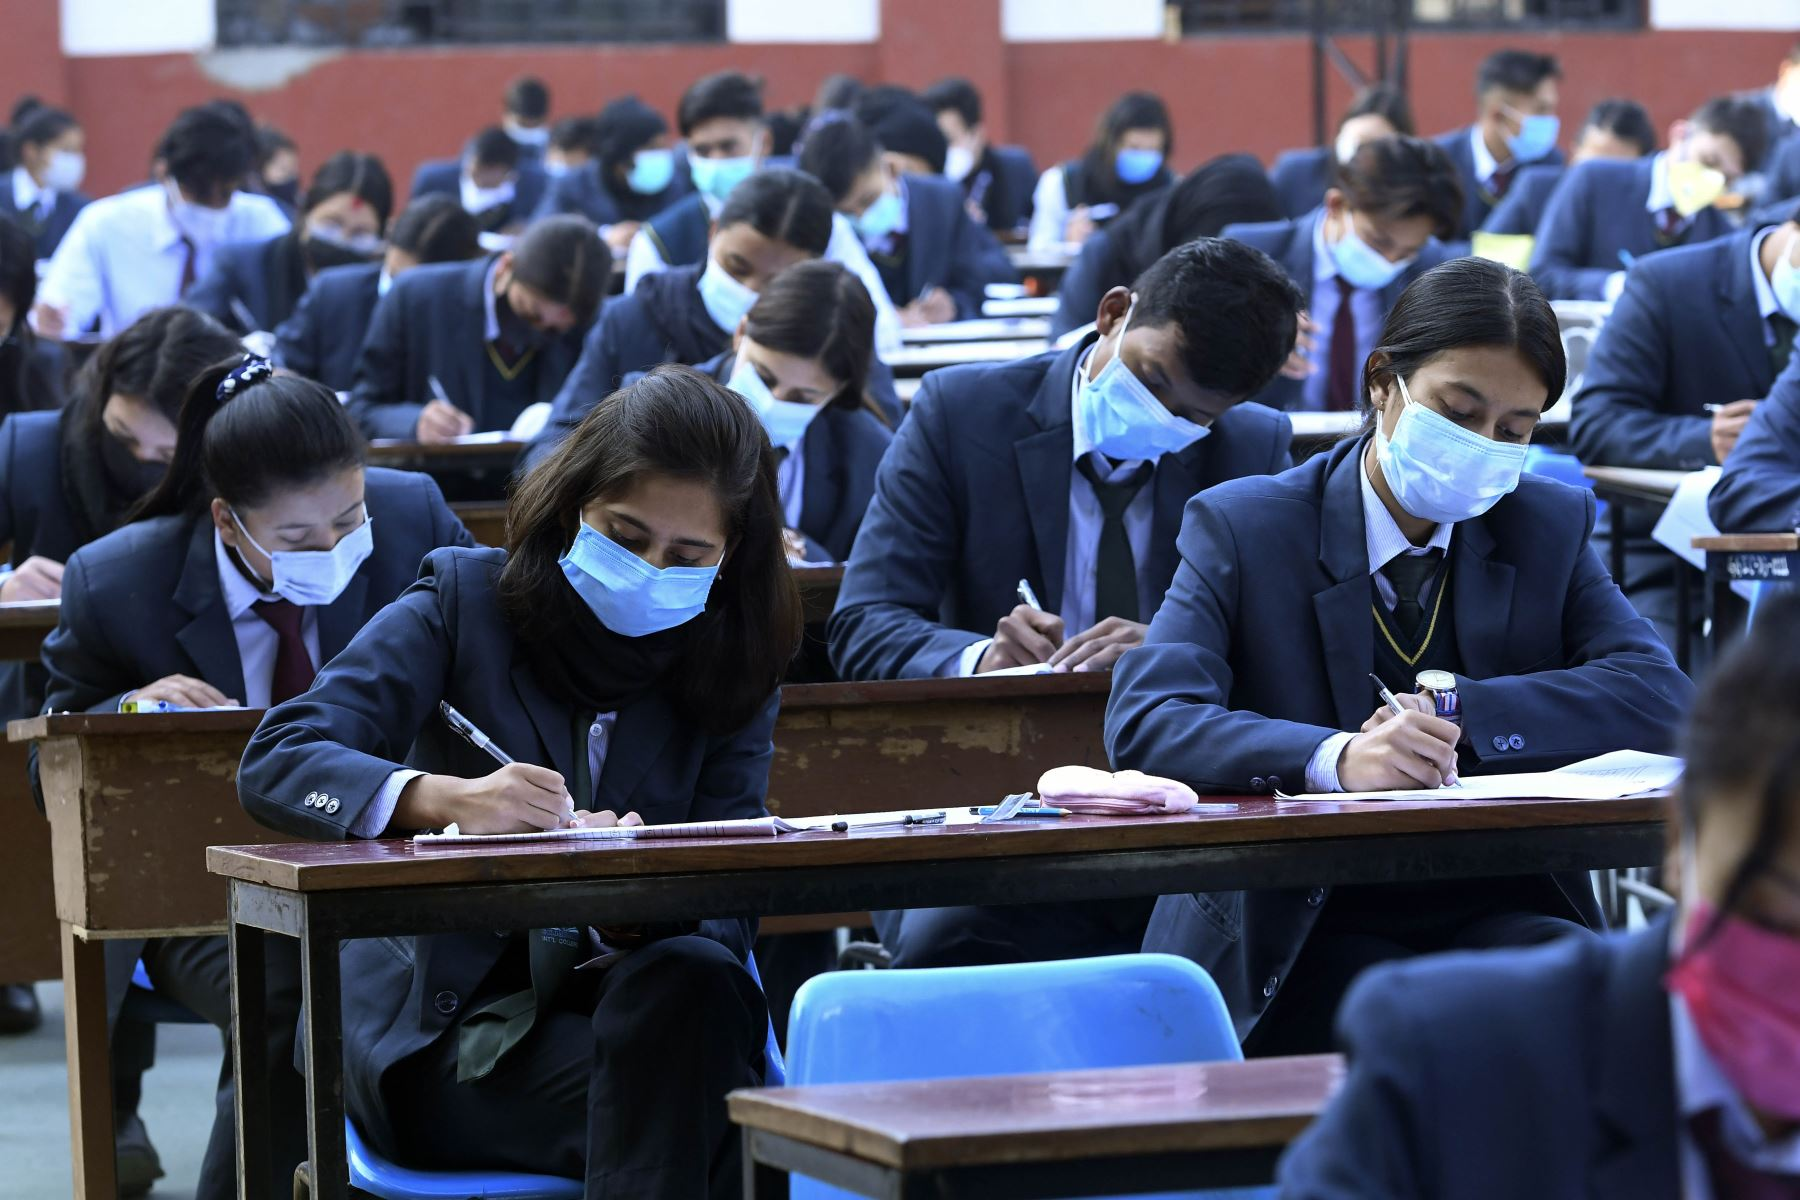 Estudiantes que usan mascarillas rinden el examen en el patio de la escuela en medio de la pandemia del Covid-19 en Katmandú. Foto: AFP